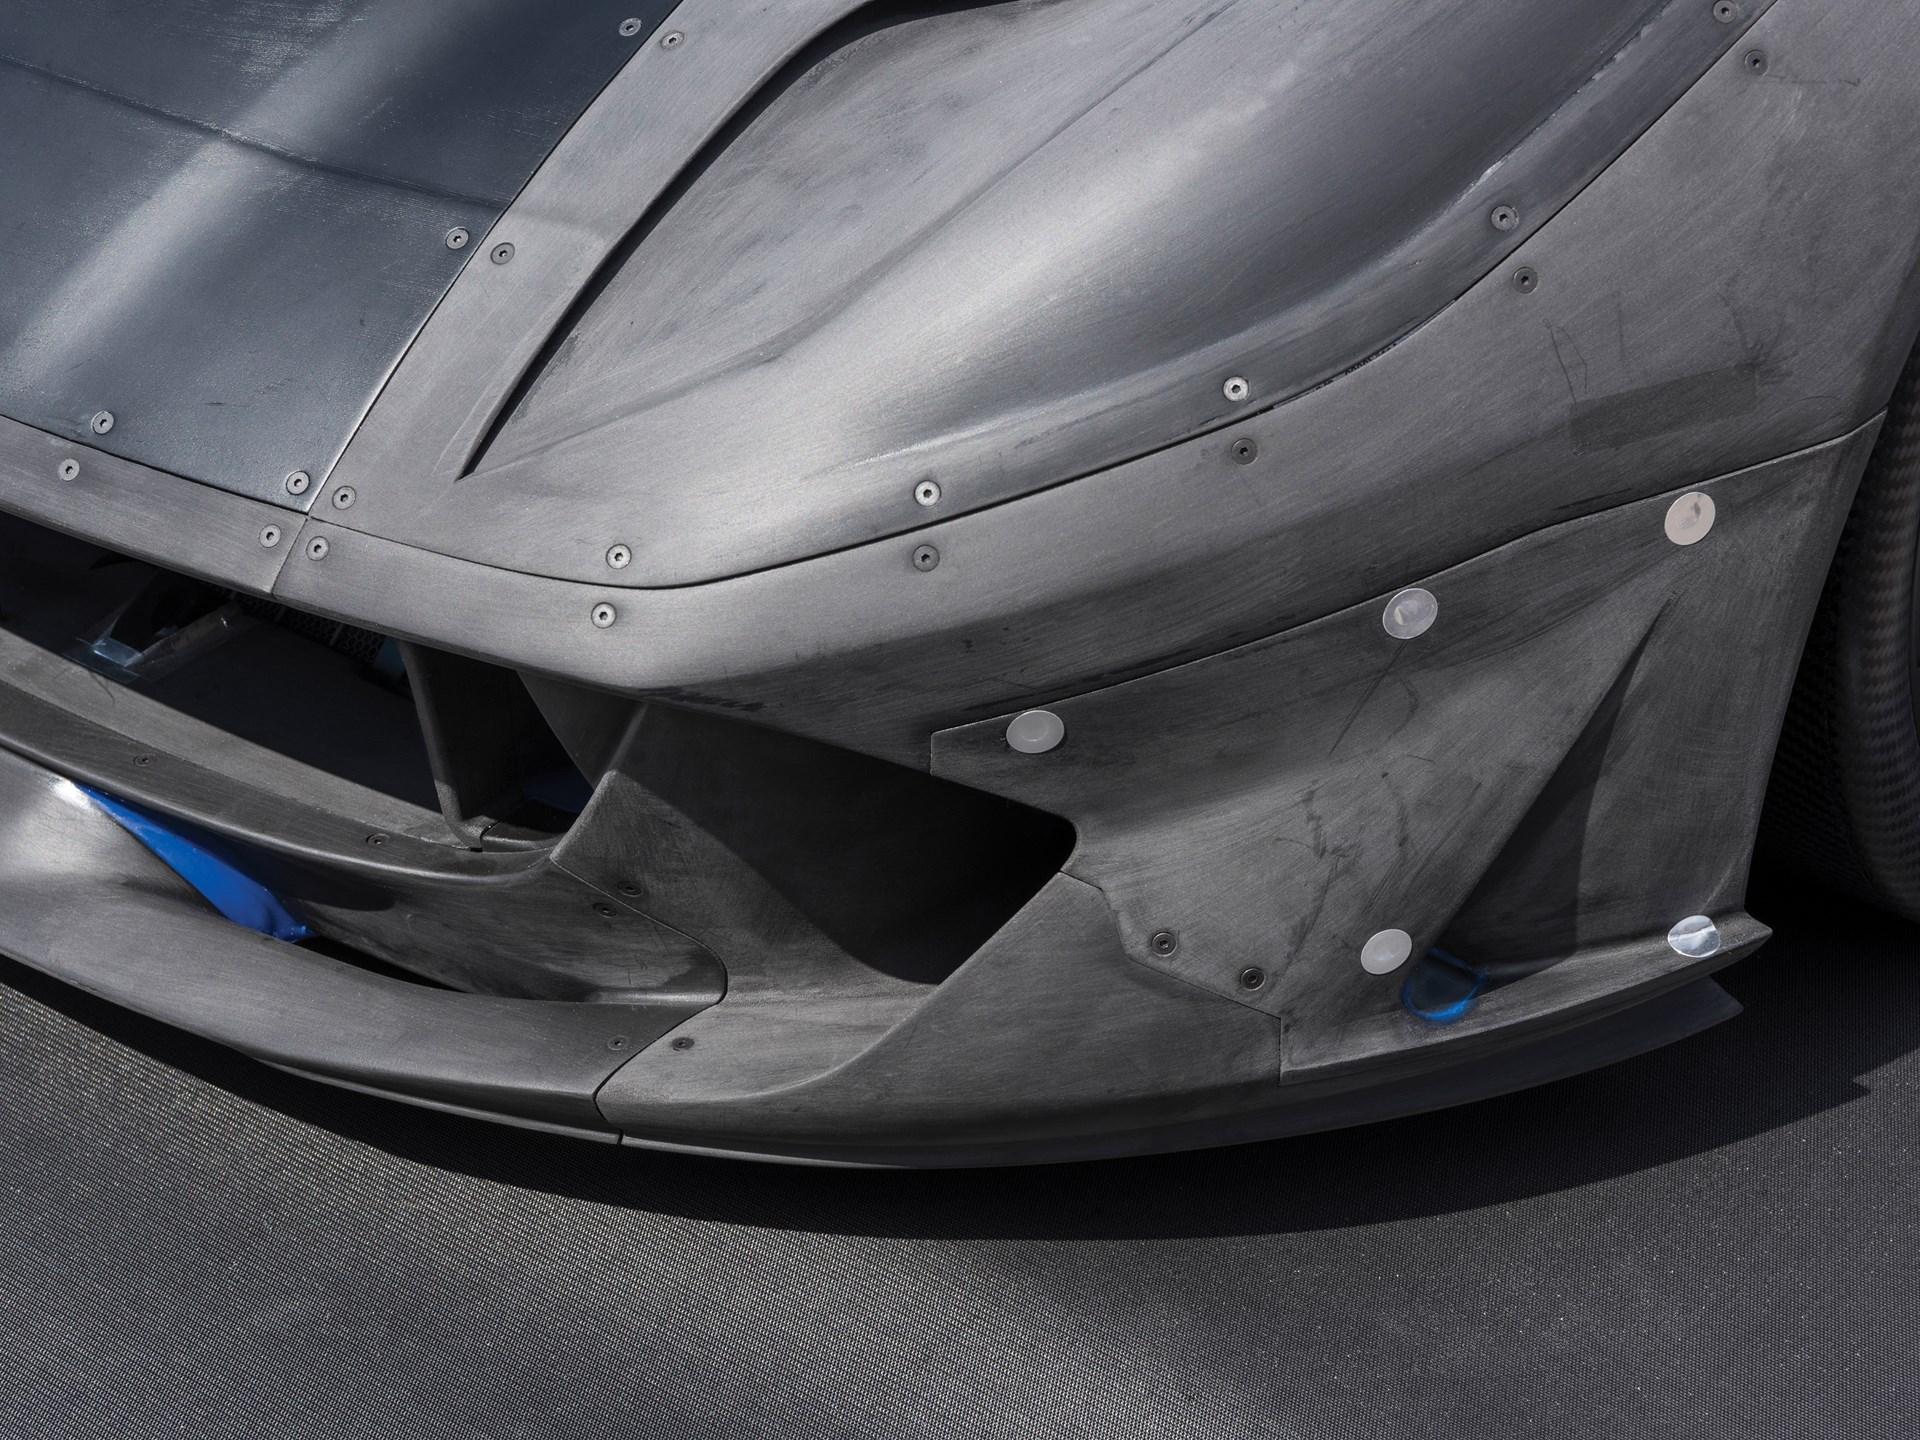 Ferrari Dettaglio Modello aerodinmico 812Superfast, sullo sfondo la Galleria del Vento di Renzo Piano